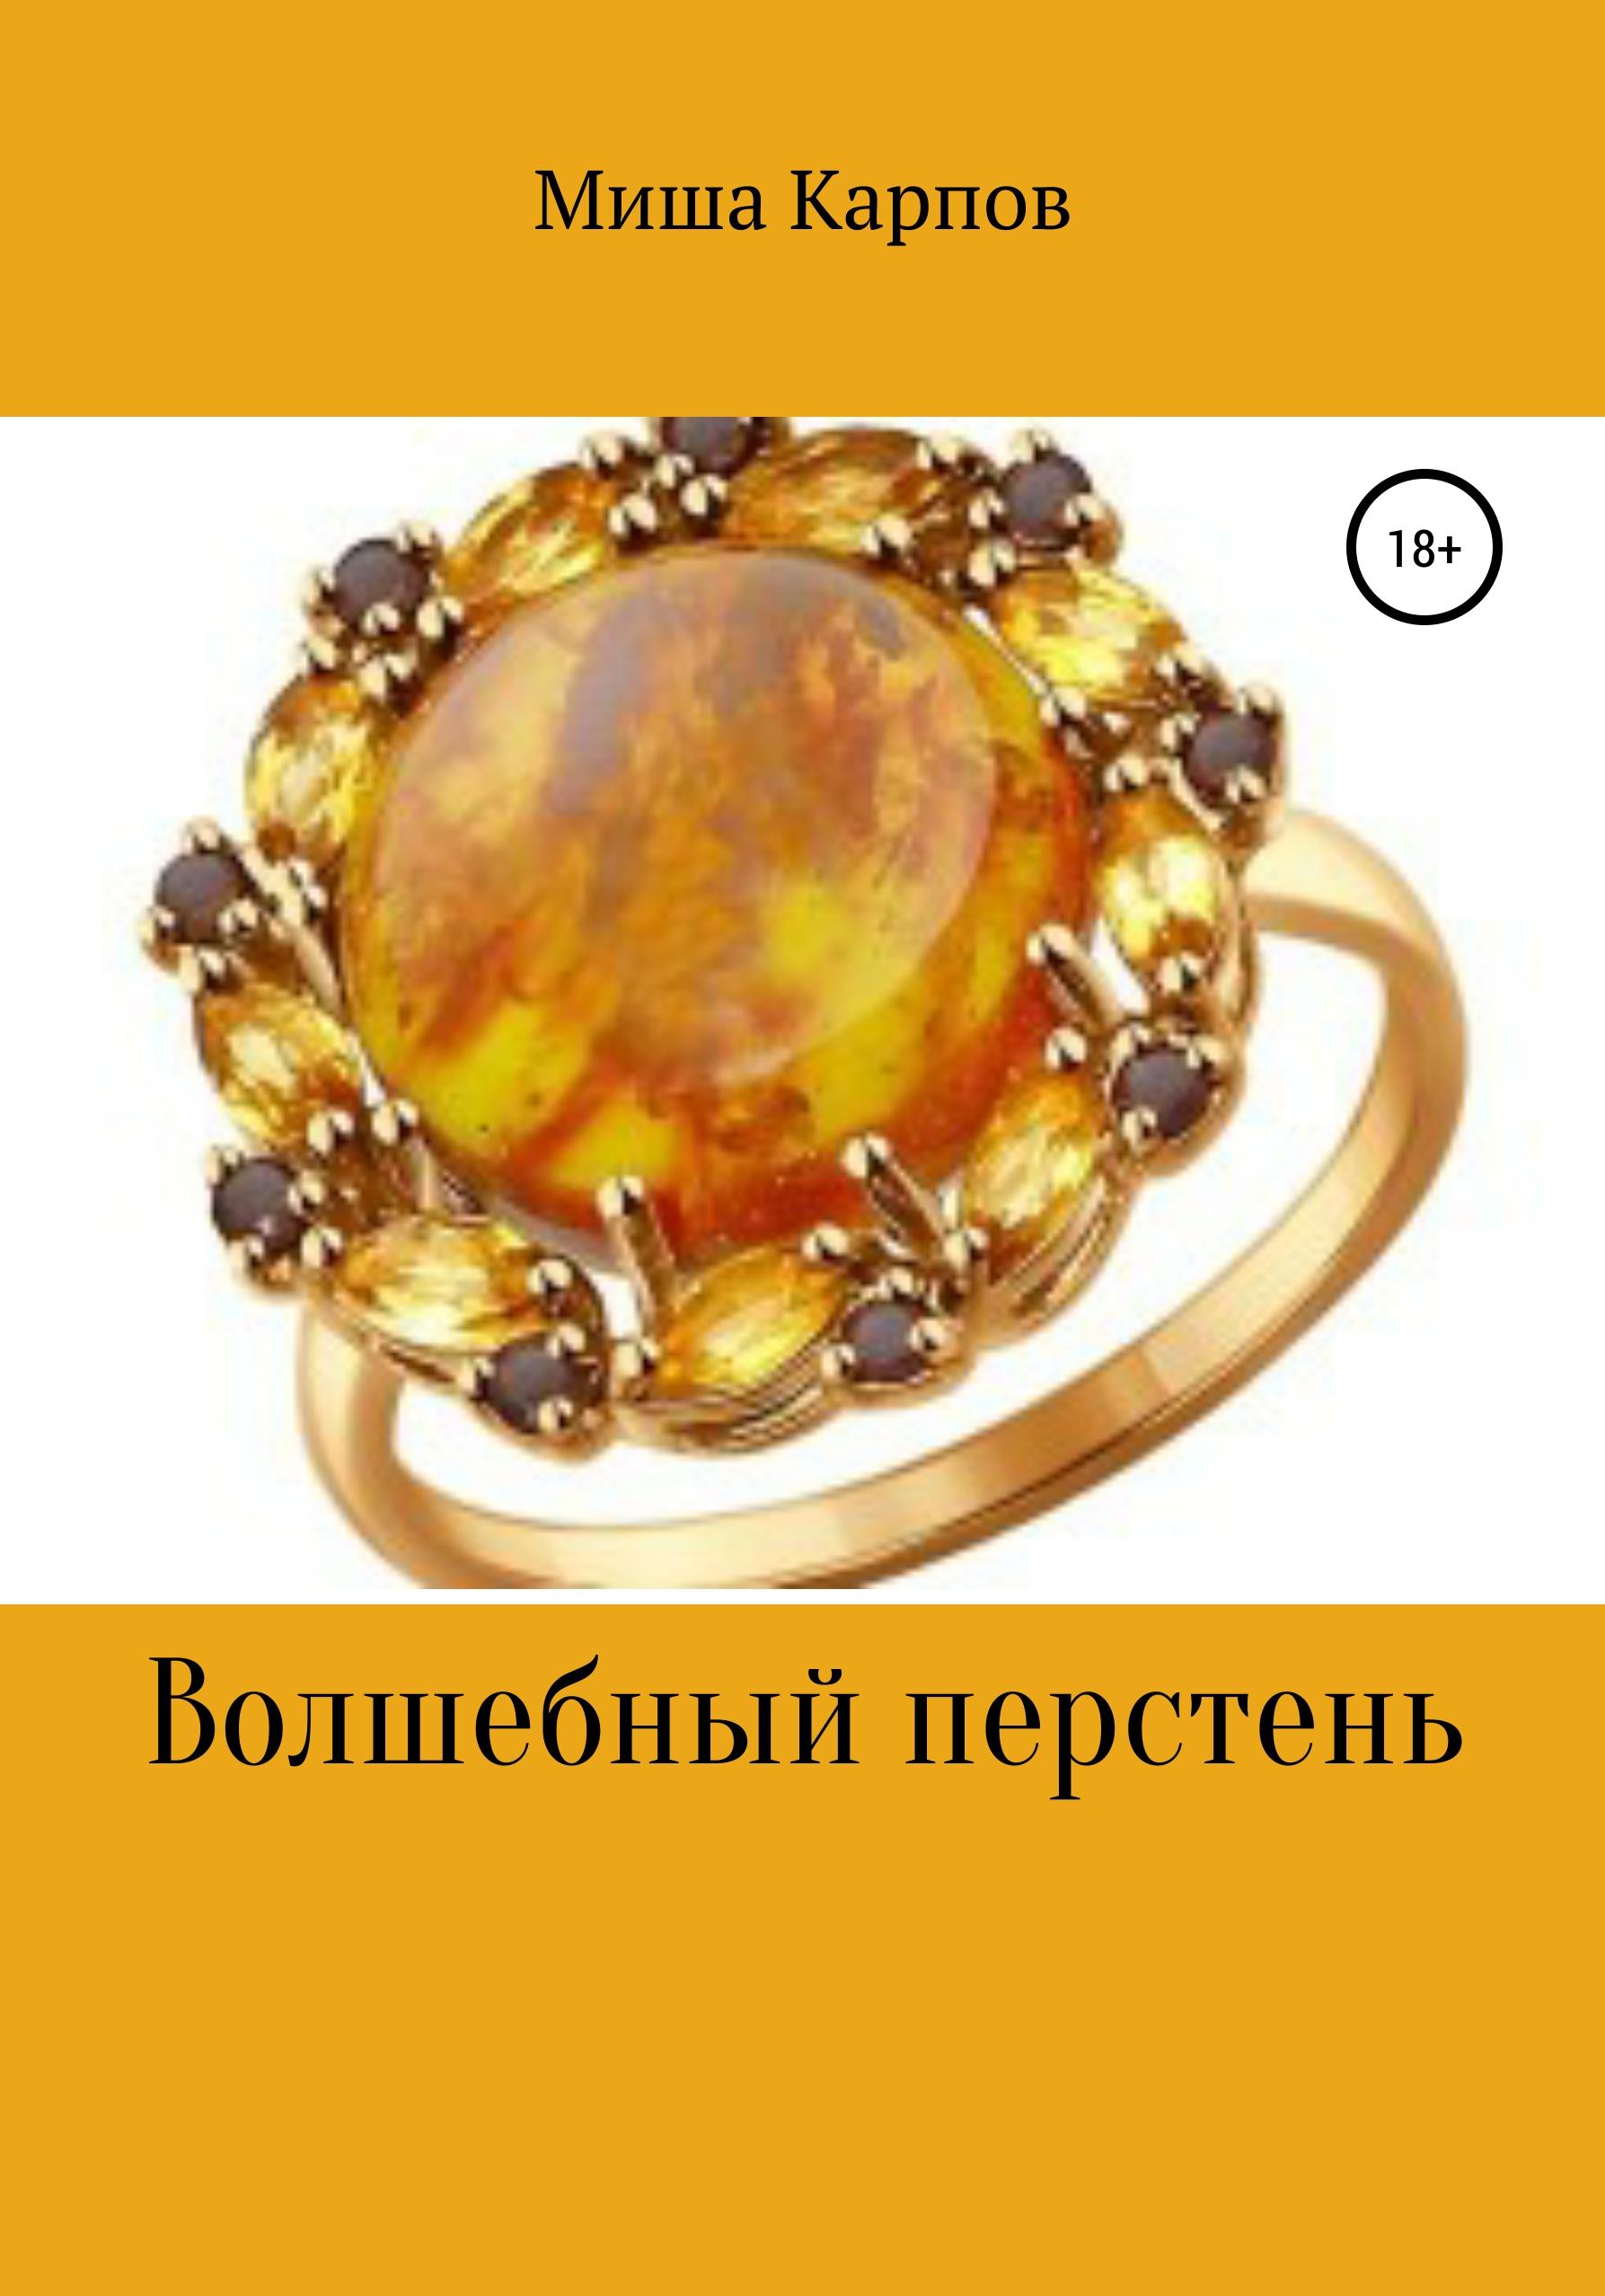 Миша Карпов Волшебный перстень